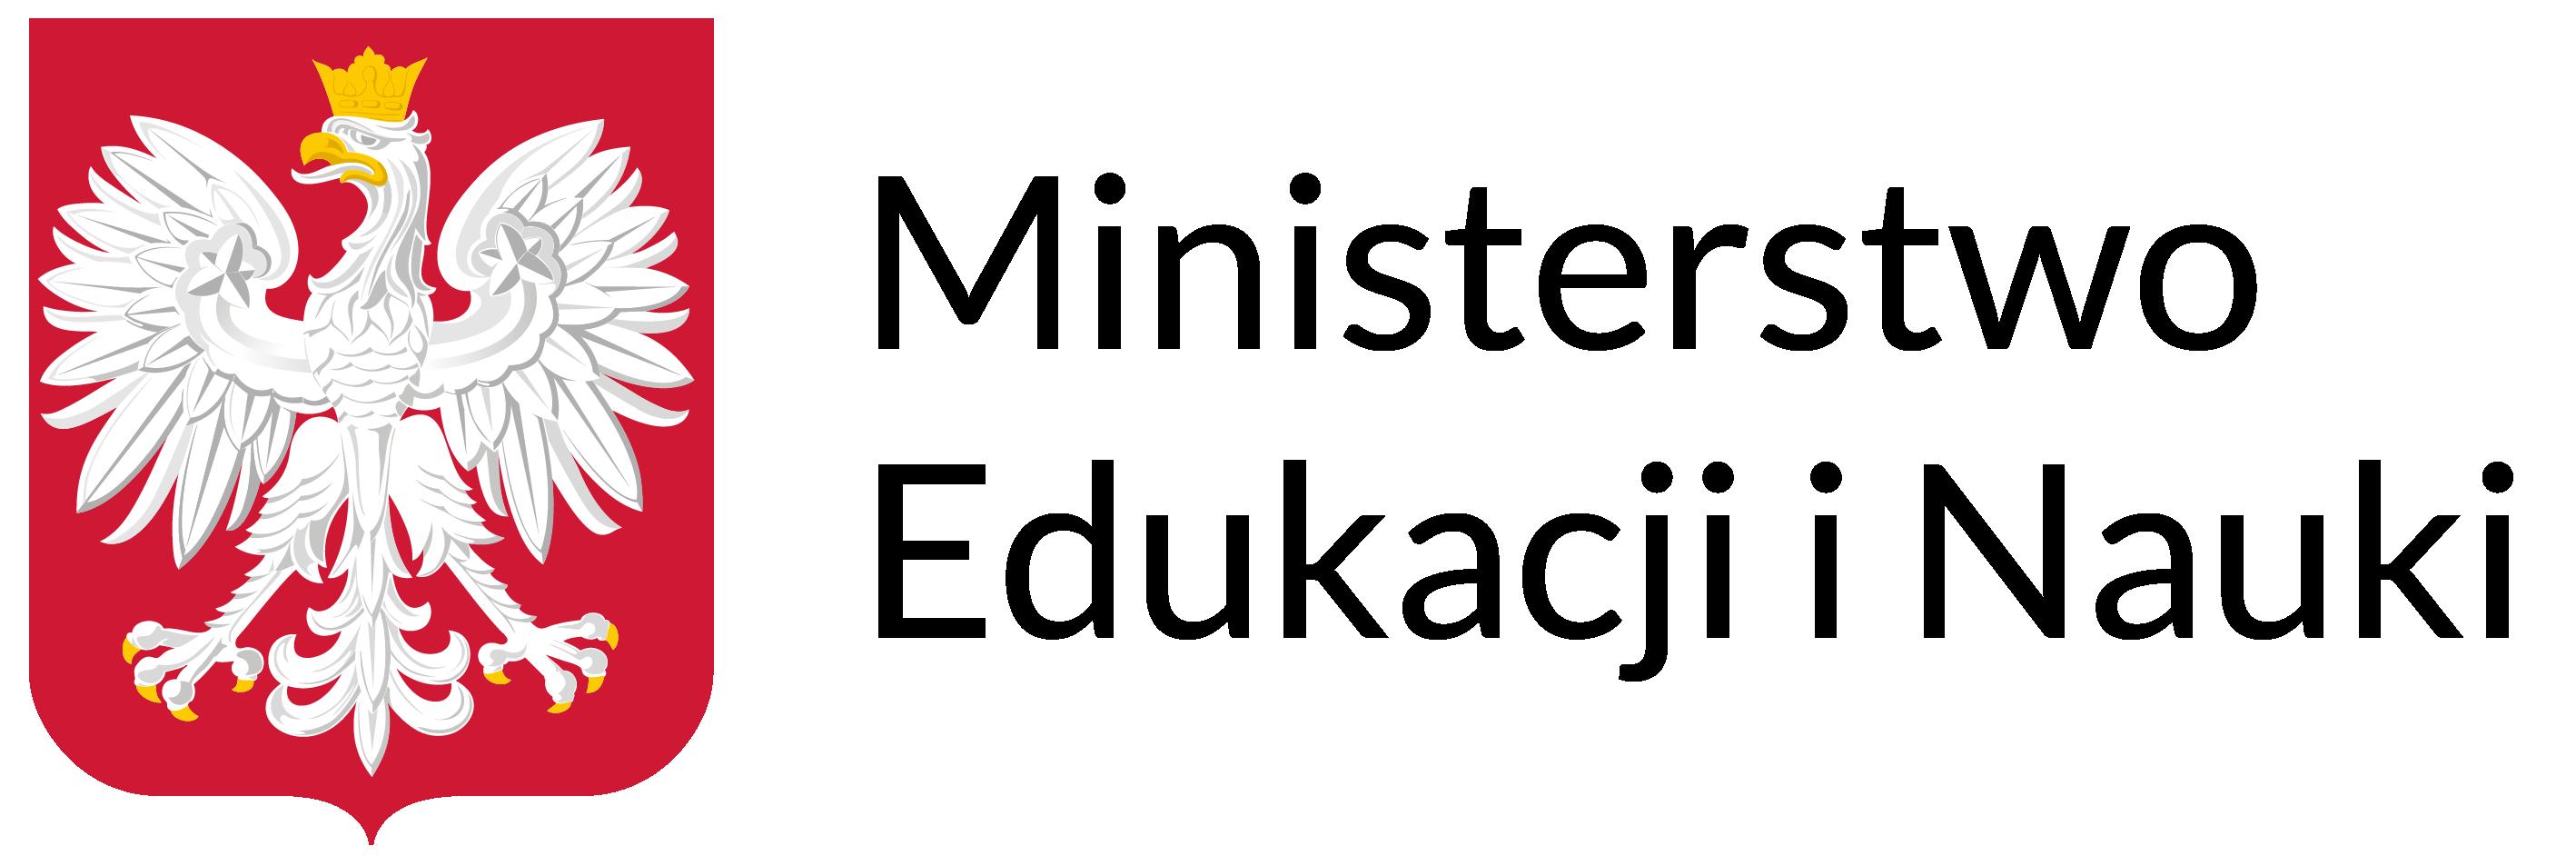 Logotyp: po lewej stronie Godło Polski po prawej stronie napis Ministerstwo Edukacji i Nauki